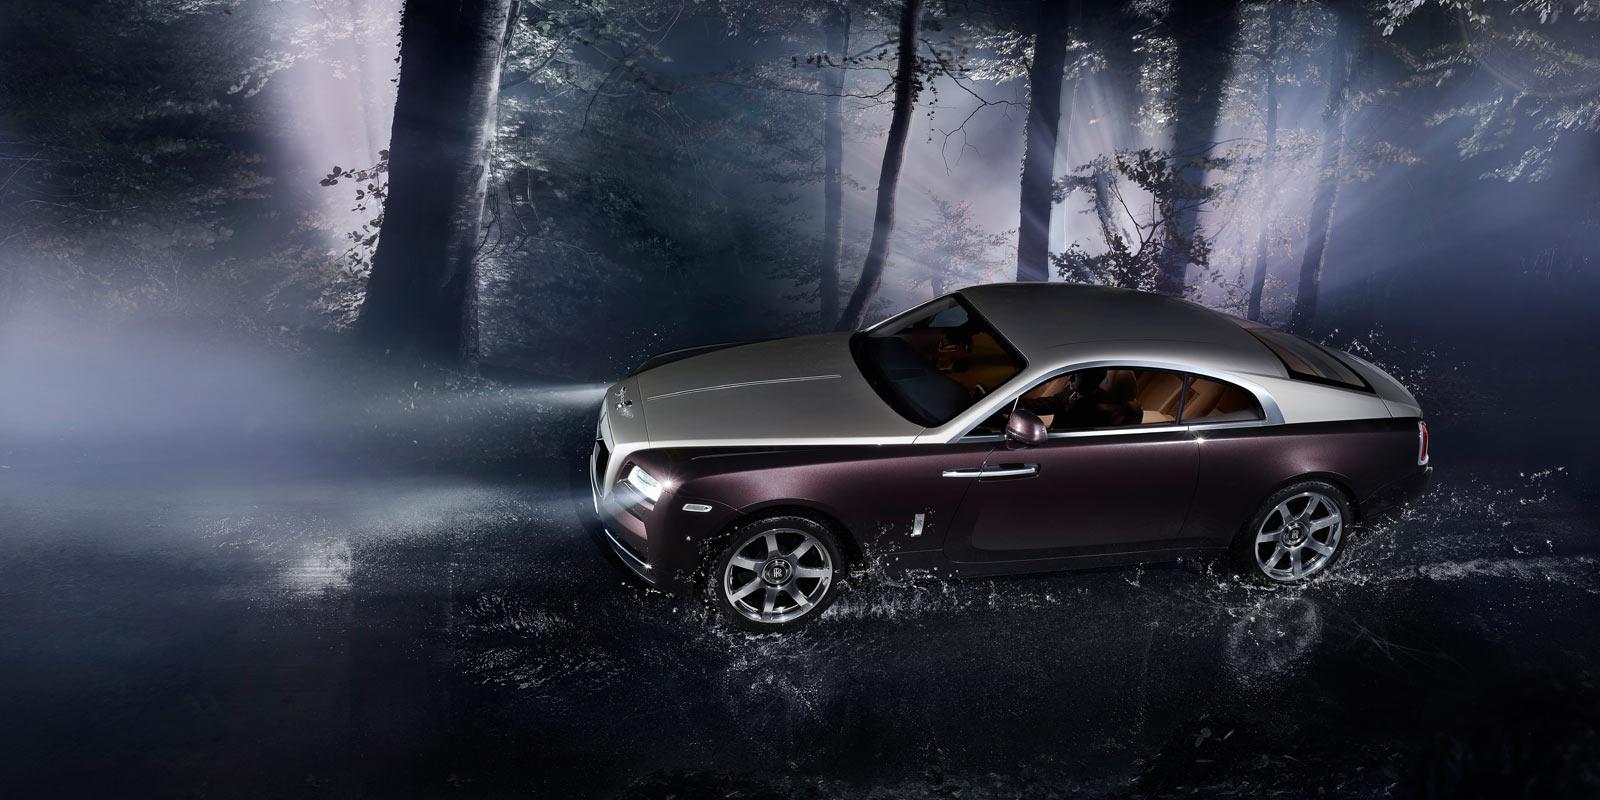 2015 Rolls-Royce Wraith Photography At Rain